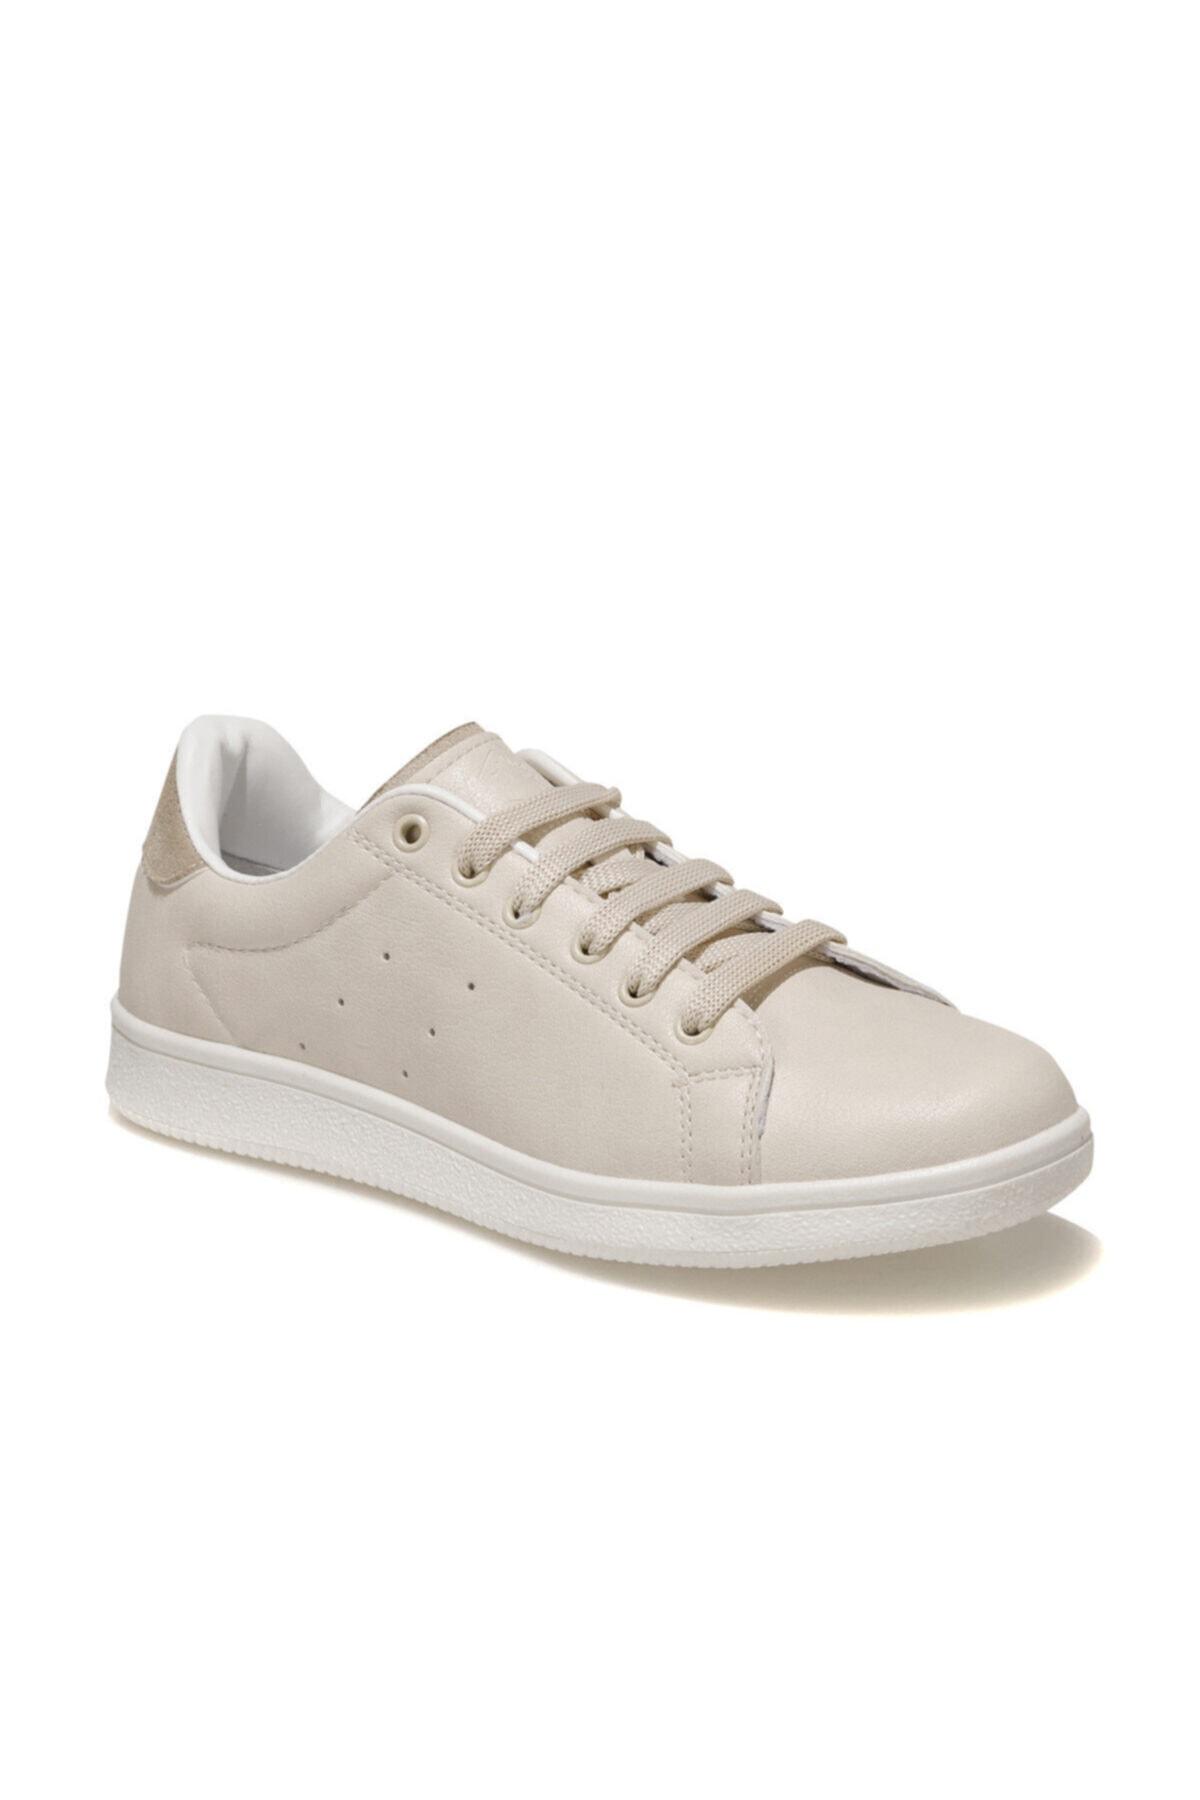 lumberjack Dove 1fx Bej Kadın Havuz Taban Sneaker 1